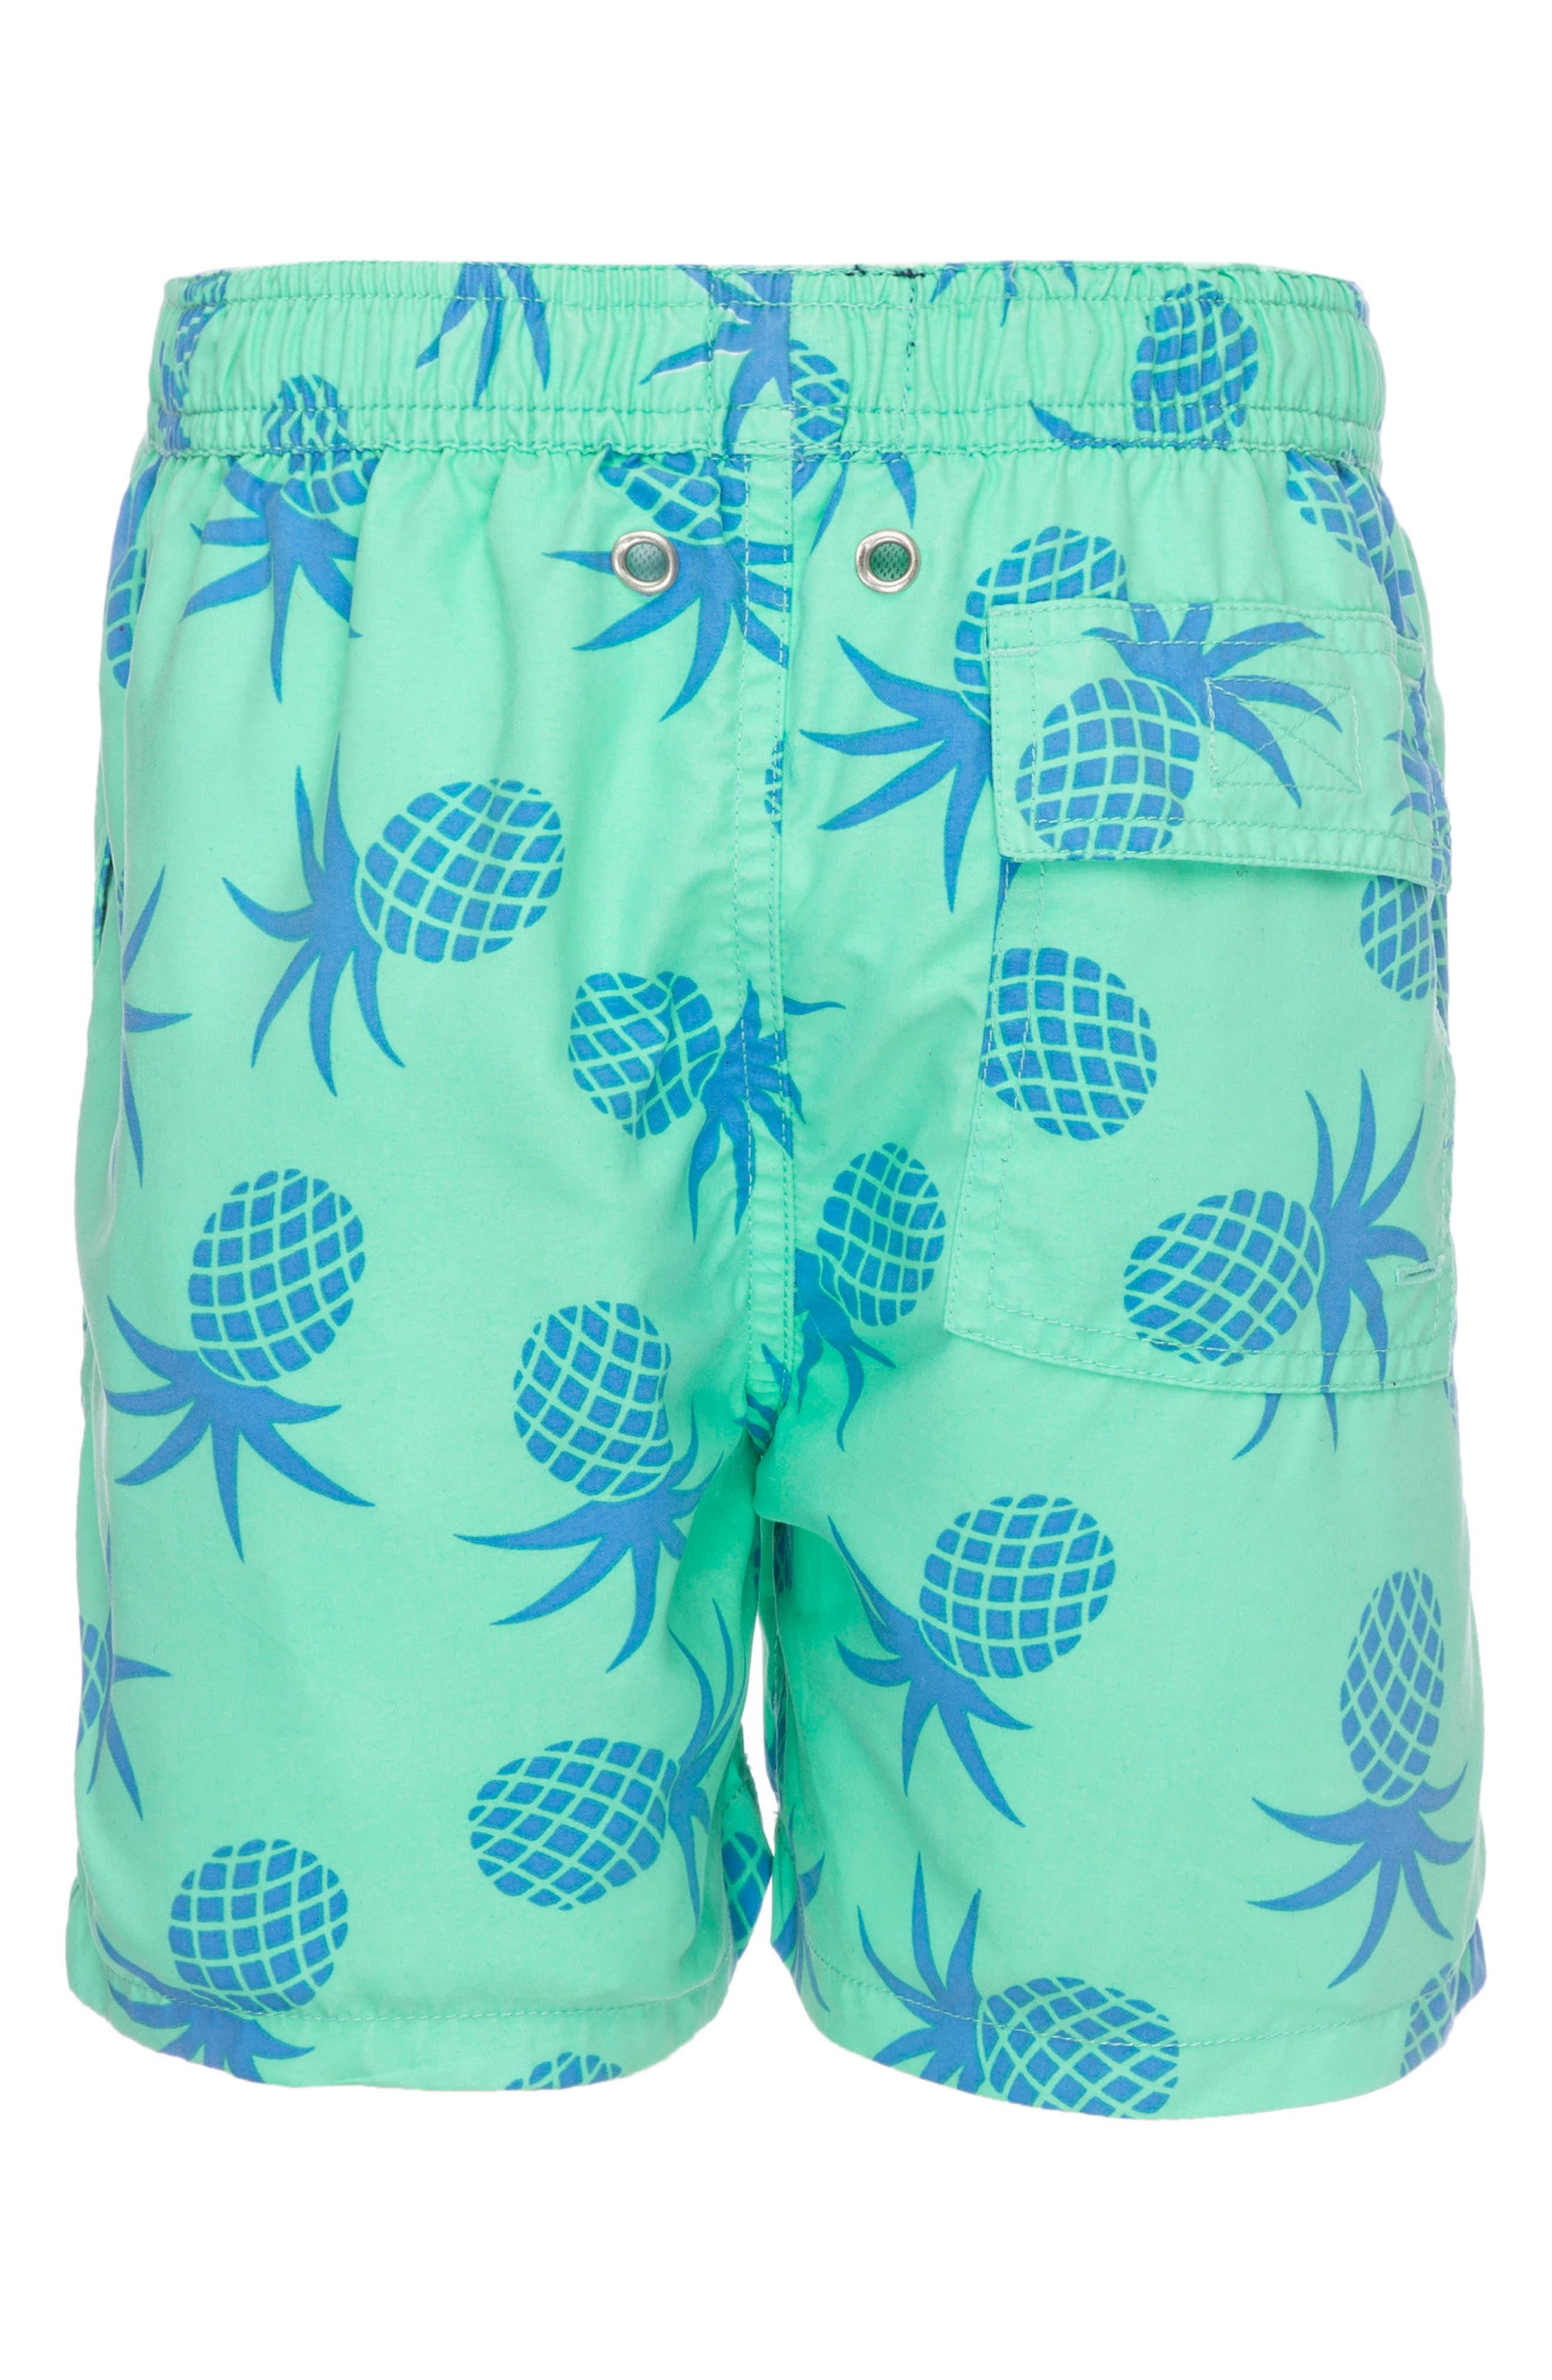 TOM & TEDDY, Pineapple Swim Trunks, Alternate thumbnail 2, color, JADE GREEN